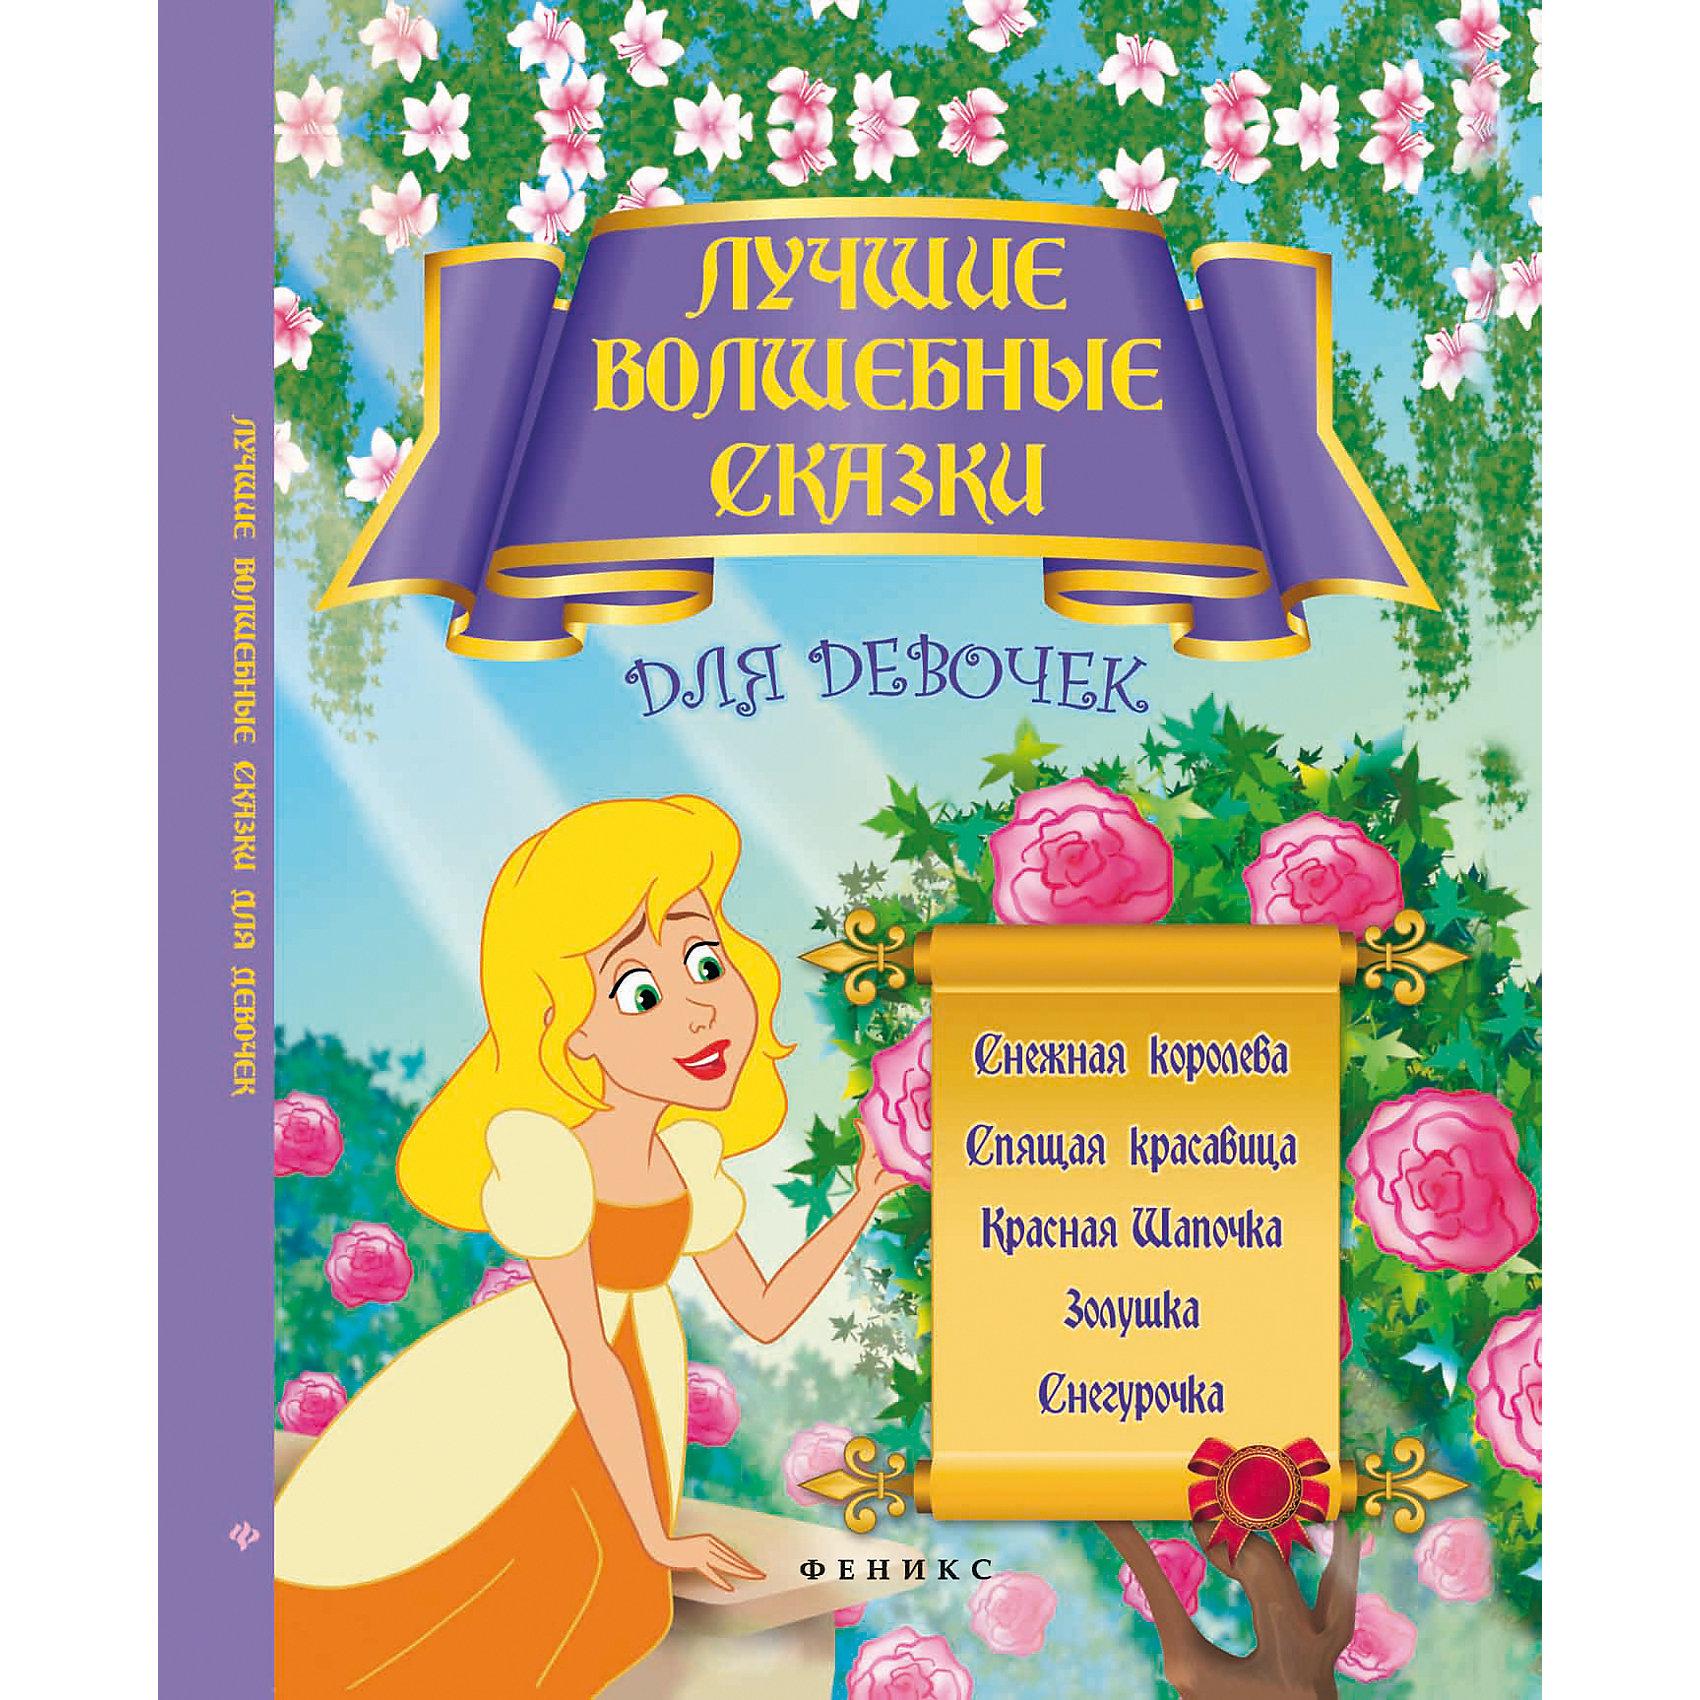 Fenix Лучшие волшебные сказки для девочек лучшие повести для девочек